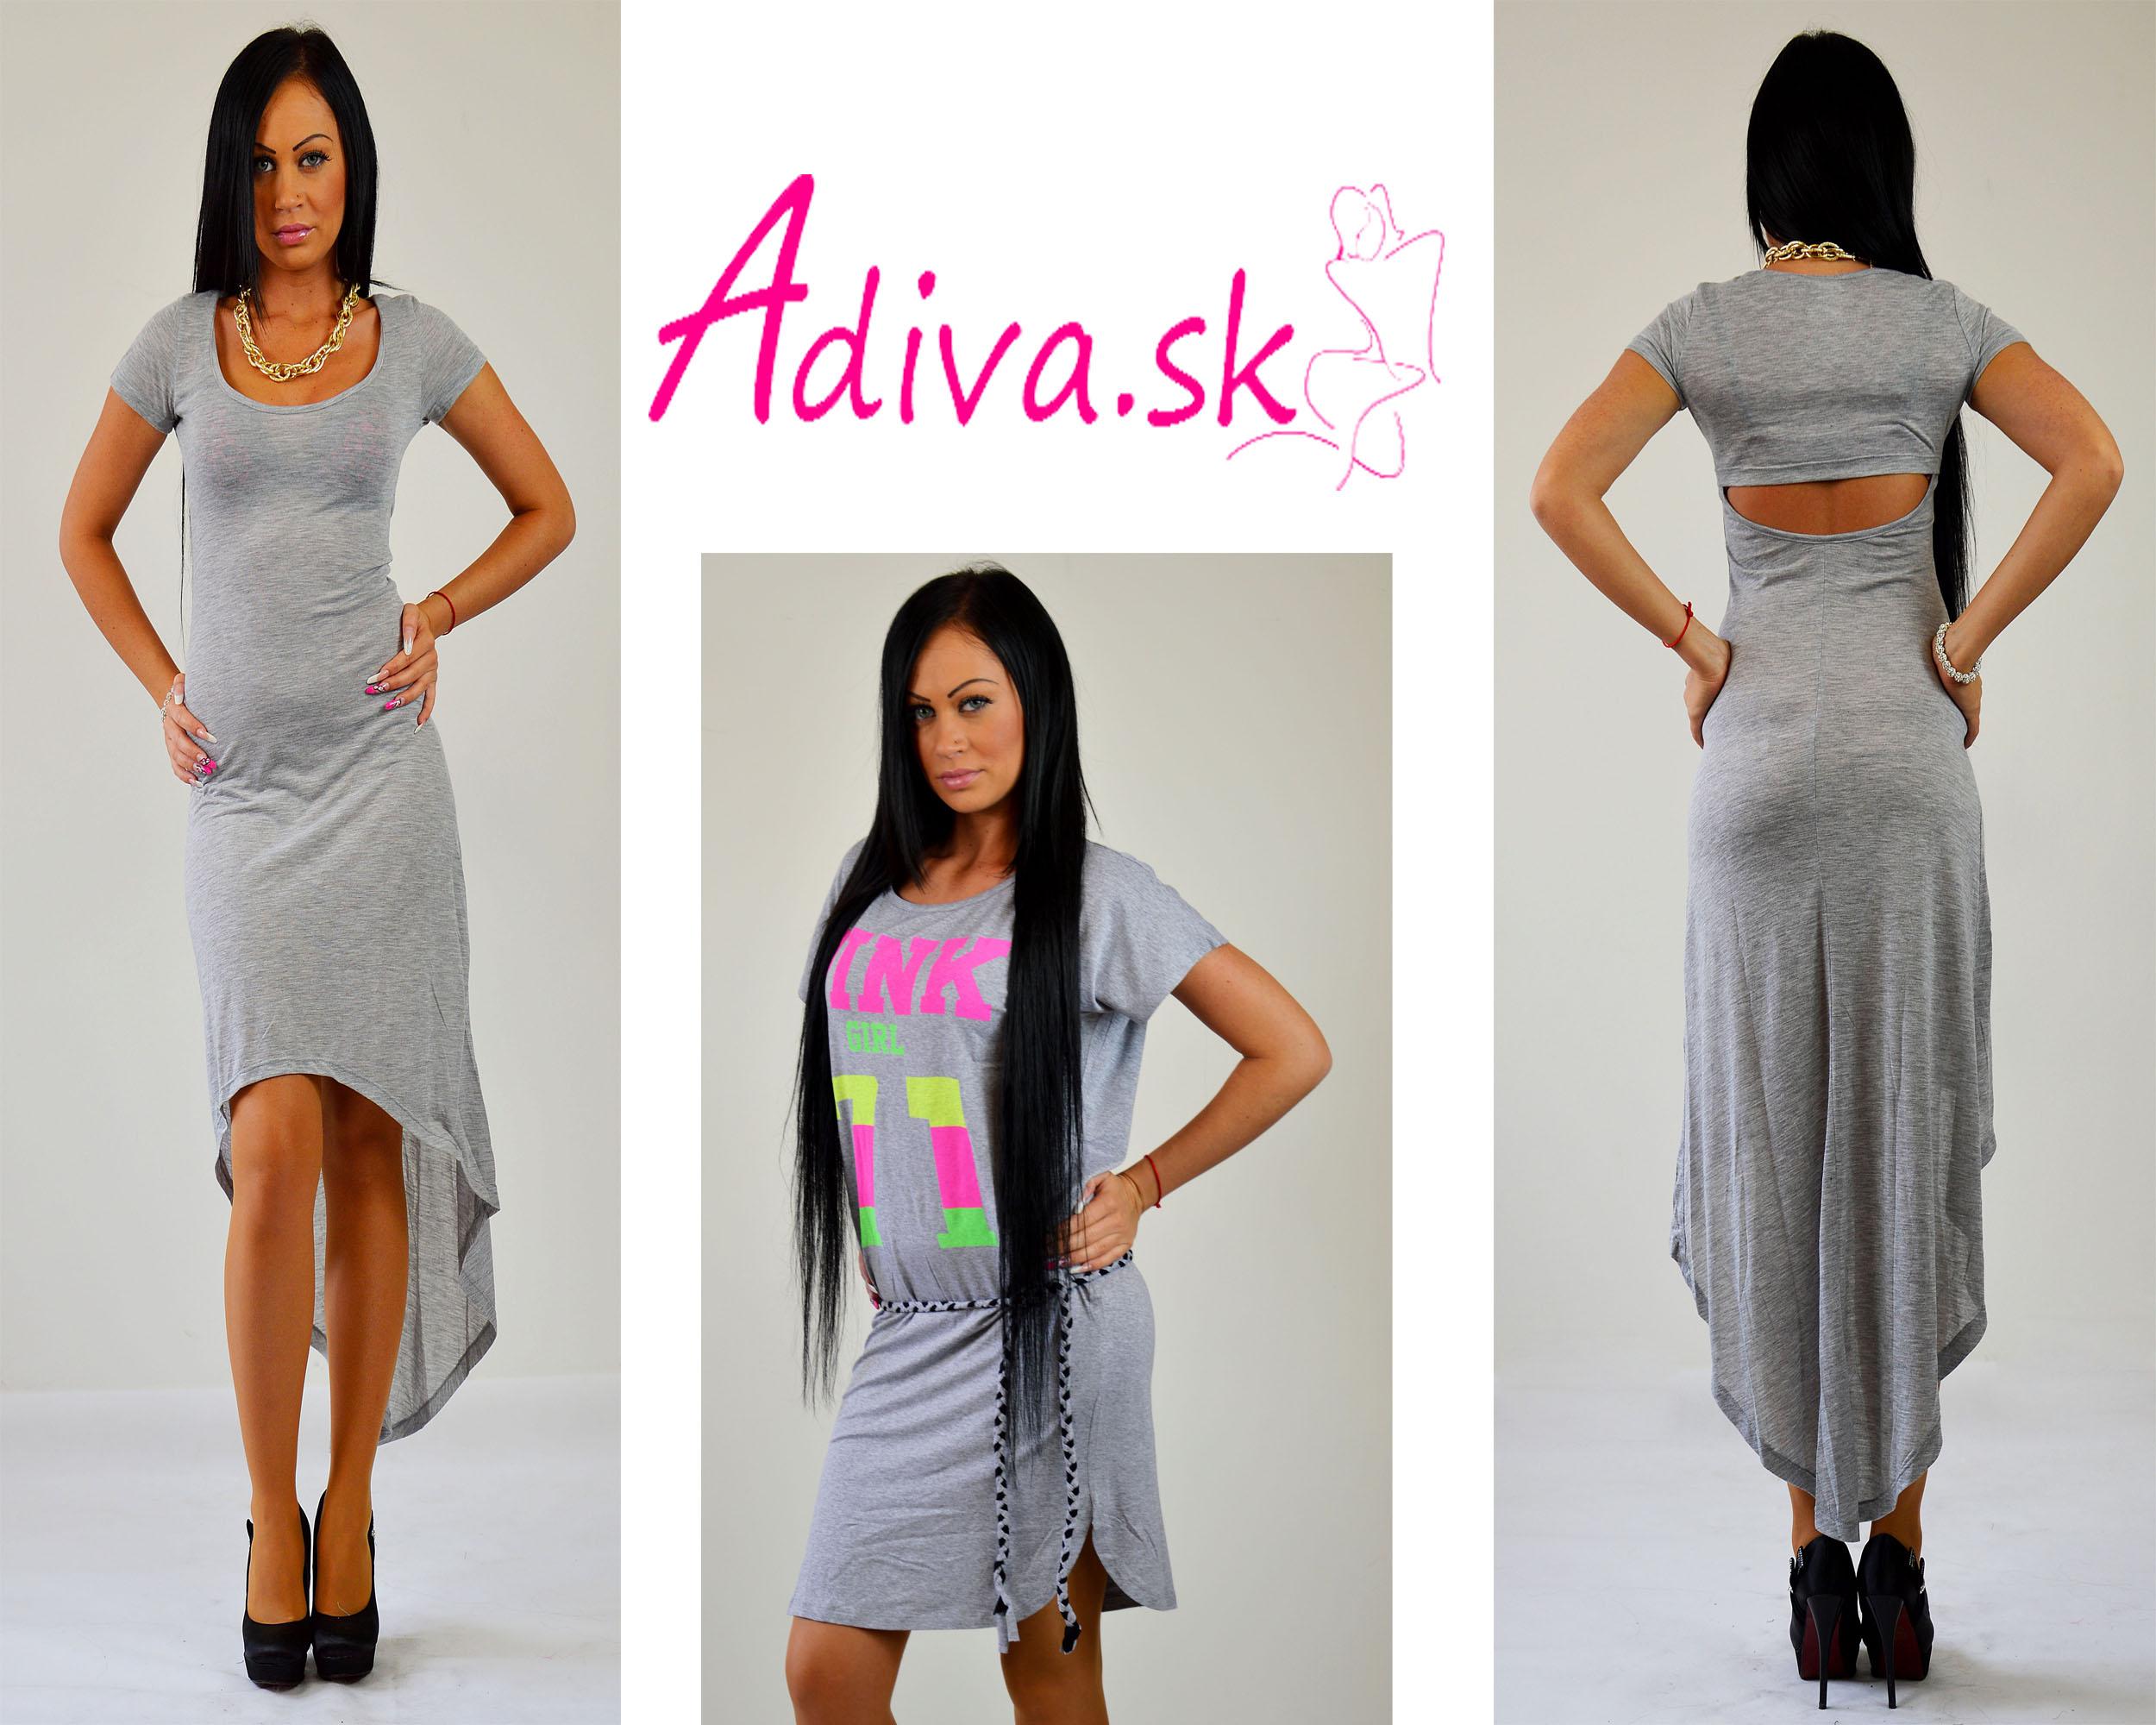 120f913bf571 Päťdesiať odtieňov sivej dámskeho oblečenia podľa adiva.sk